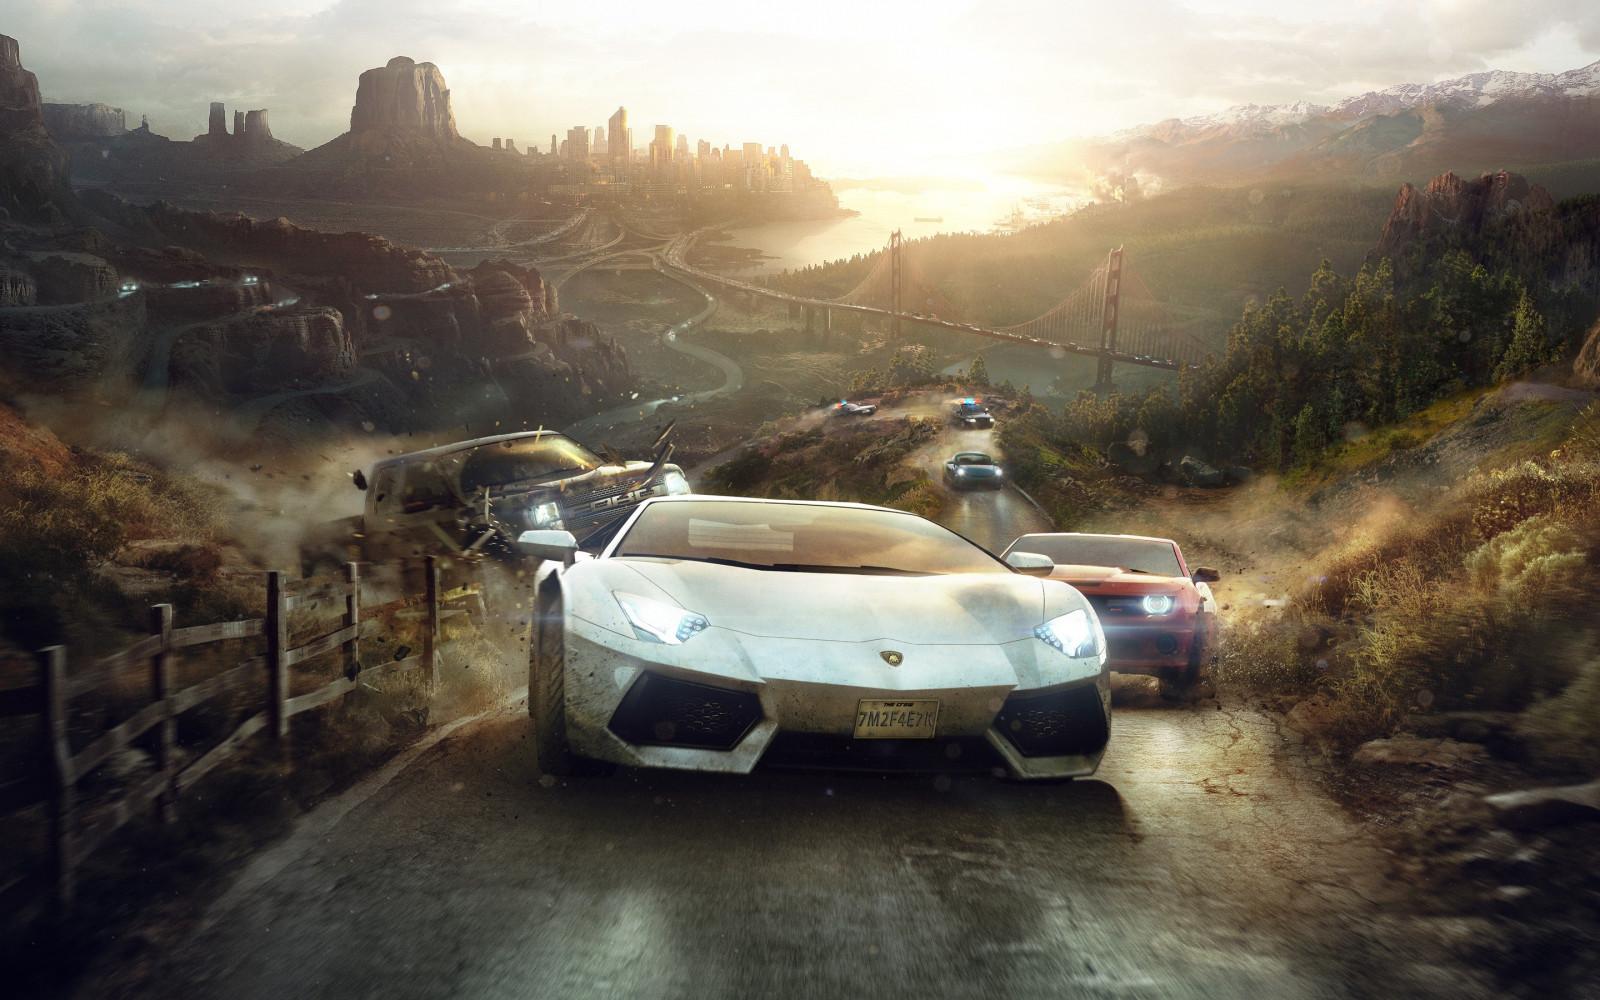 Wallpaper Video Games Lamborghini Aventador Ford Usa The Crew